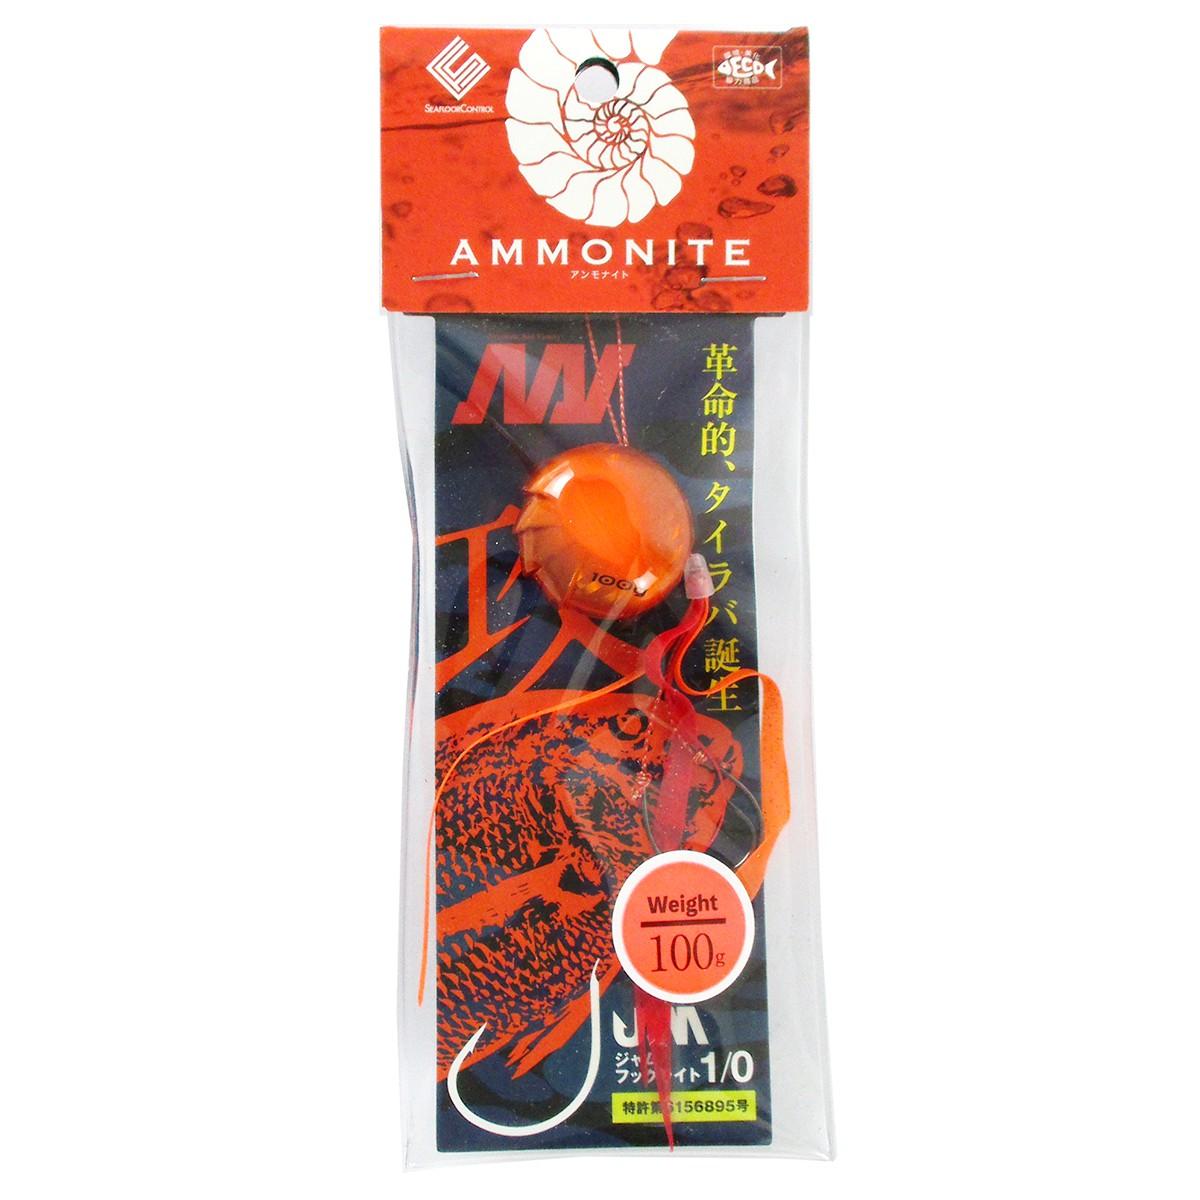 アンモナイト コンプリート 100g 01.オレンジ【ゆうパケット】